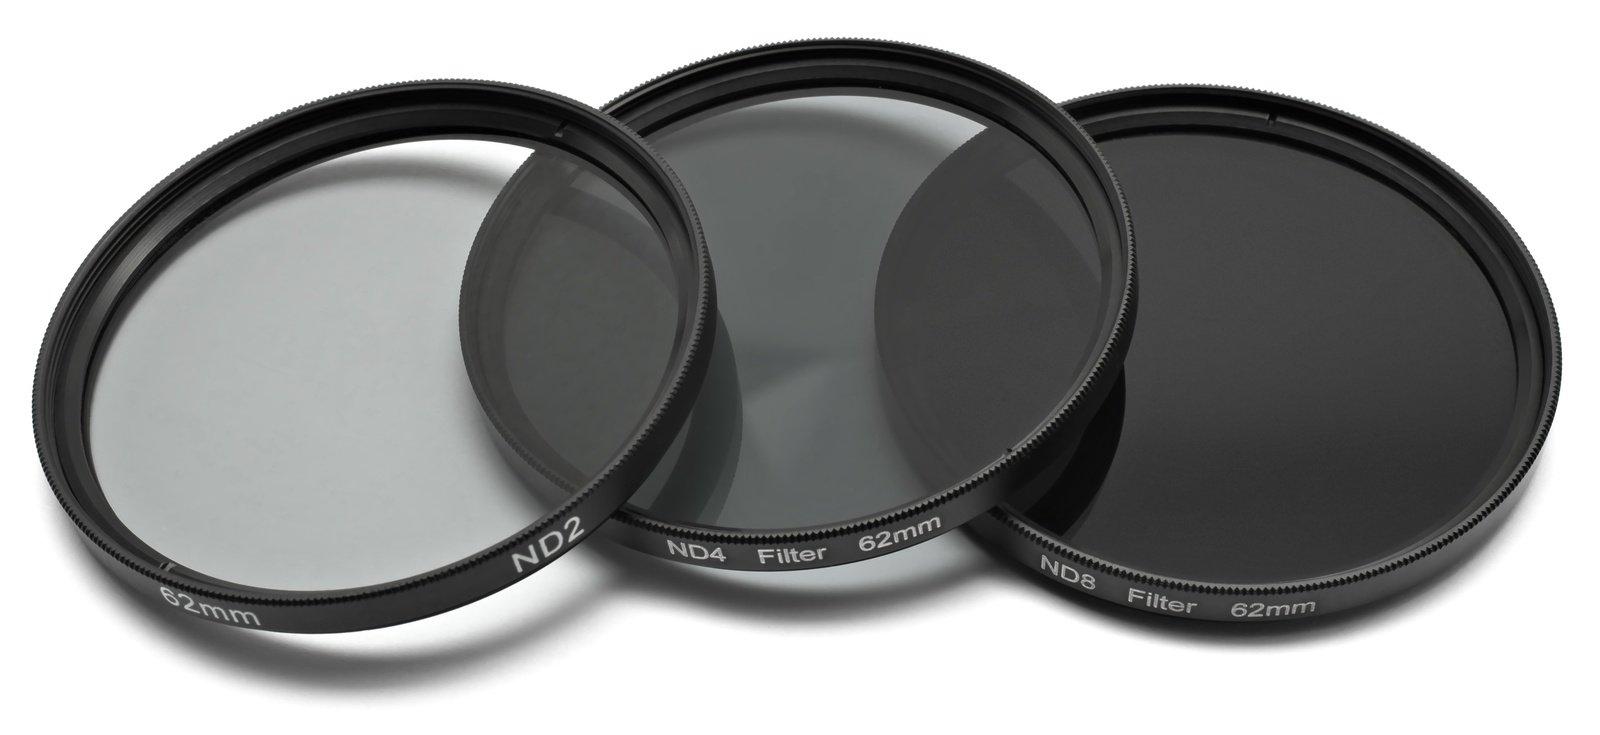 ROKO ND Filter Set für 62mm ND 0.3 / 0.6 / 0.9 bzw. ND 2 4 8.